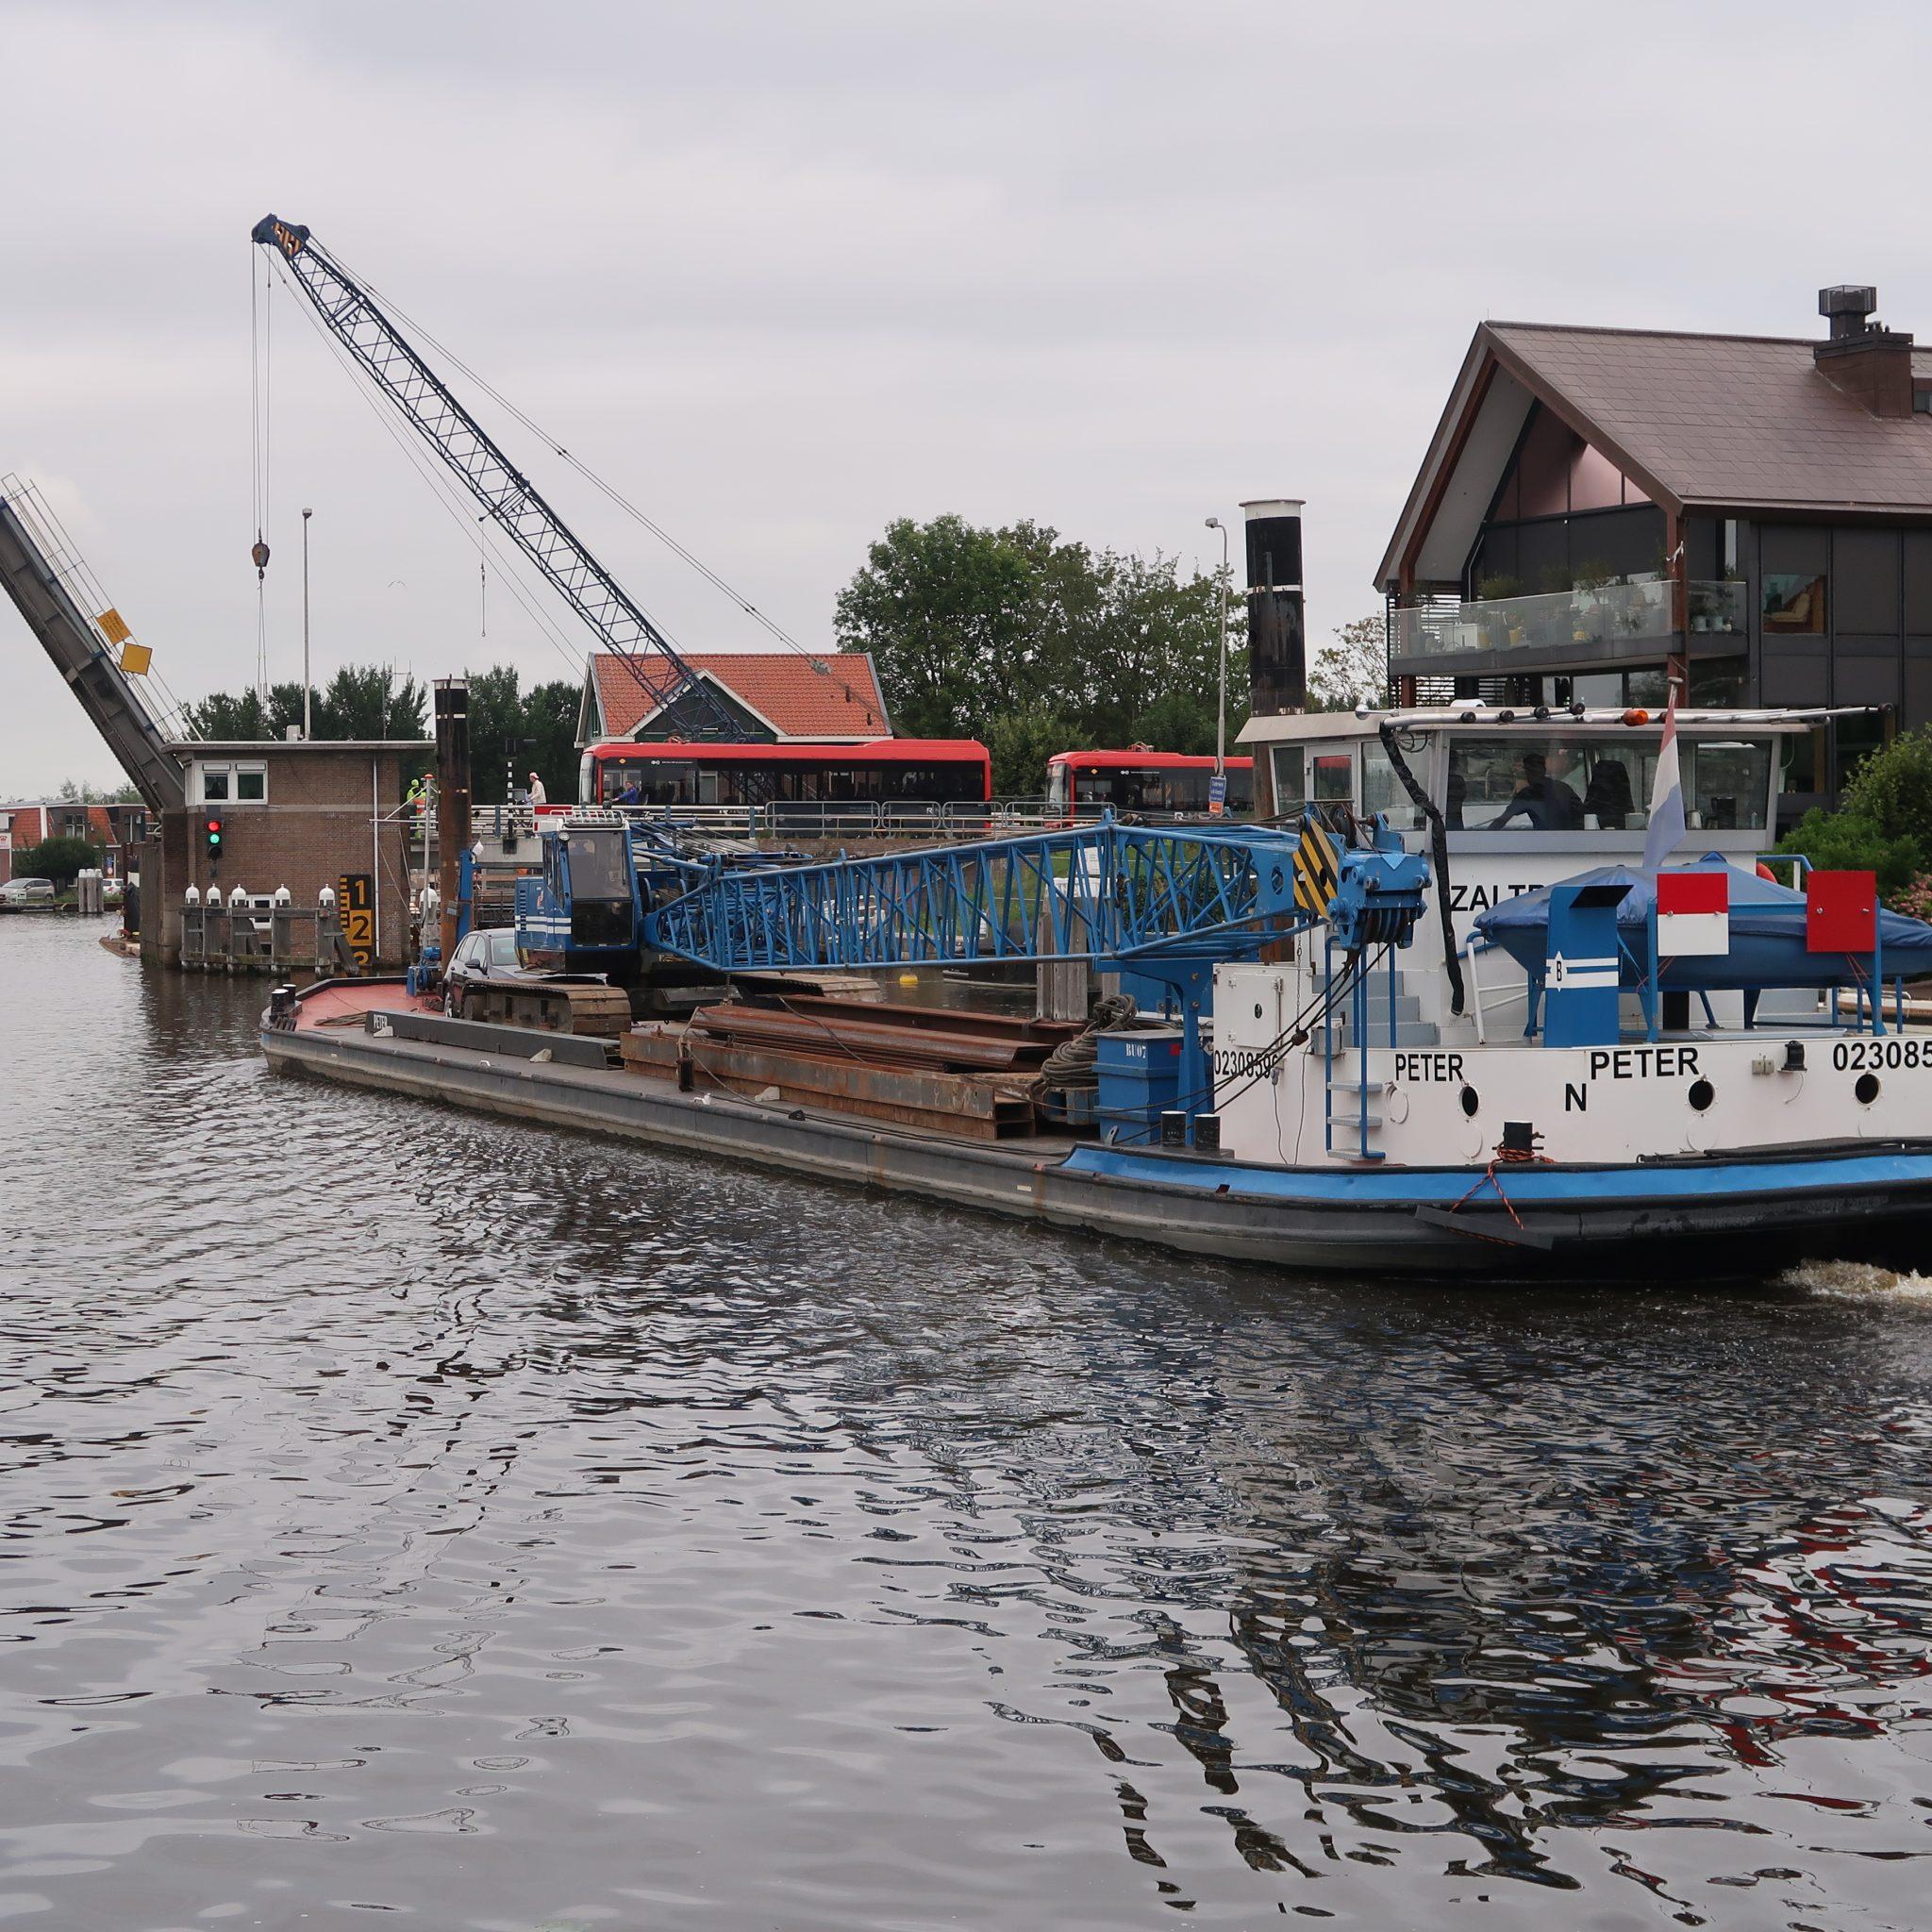 Op weg naar Harderwijk passeert het kraanschip Peter de brug bij Ouderkerk aan de Amstel. (Foto W.M. den Heijer)